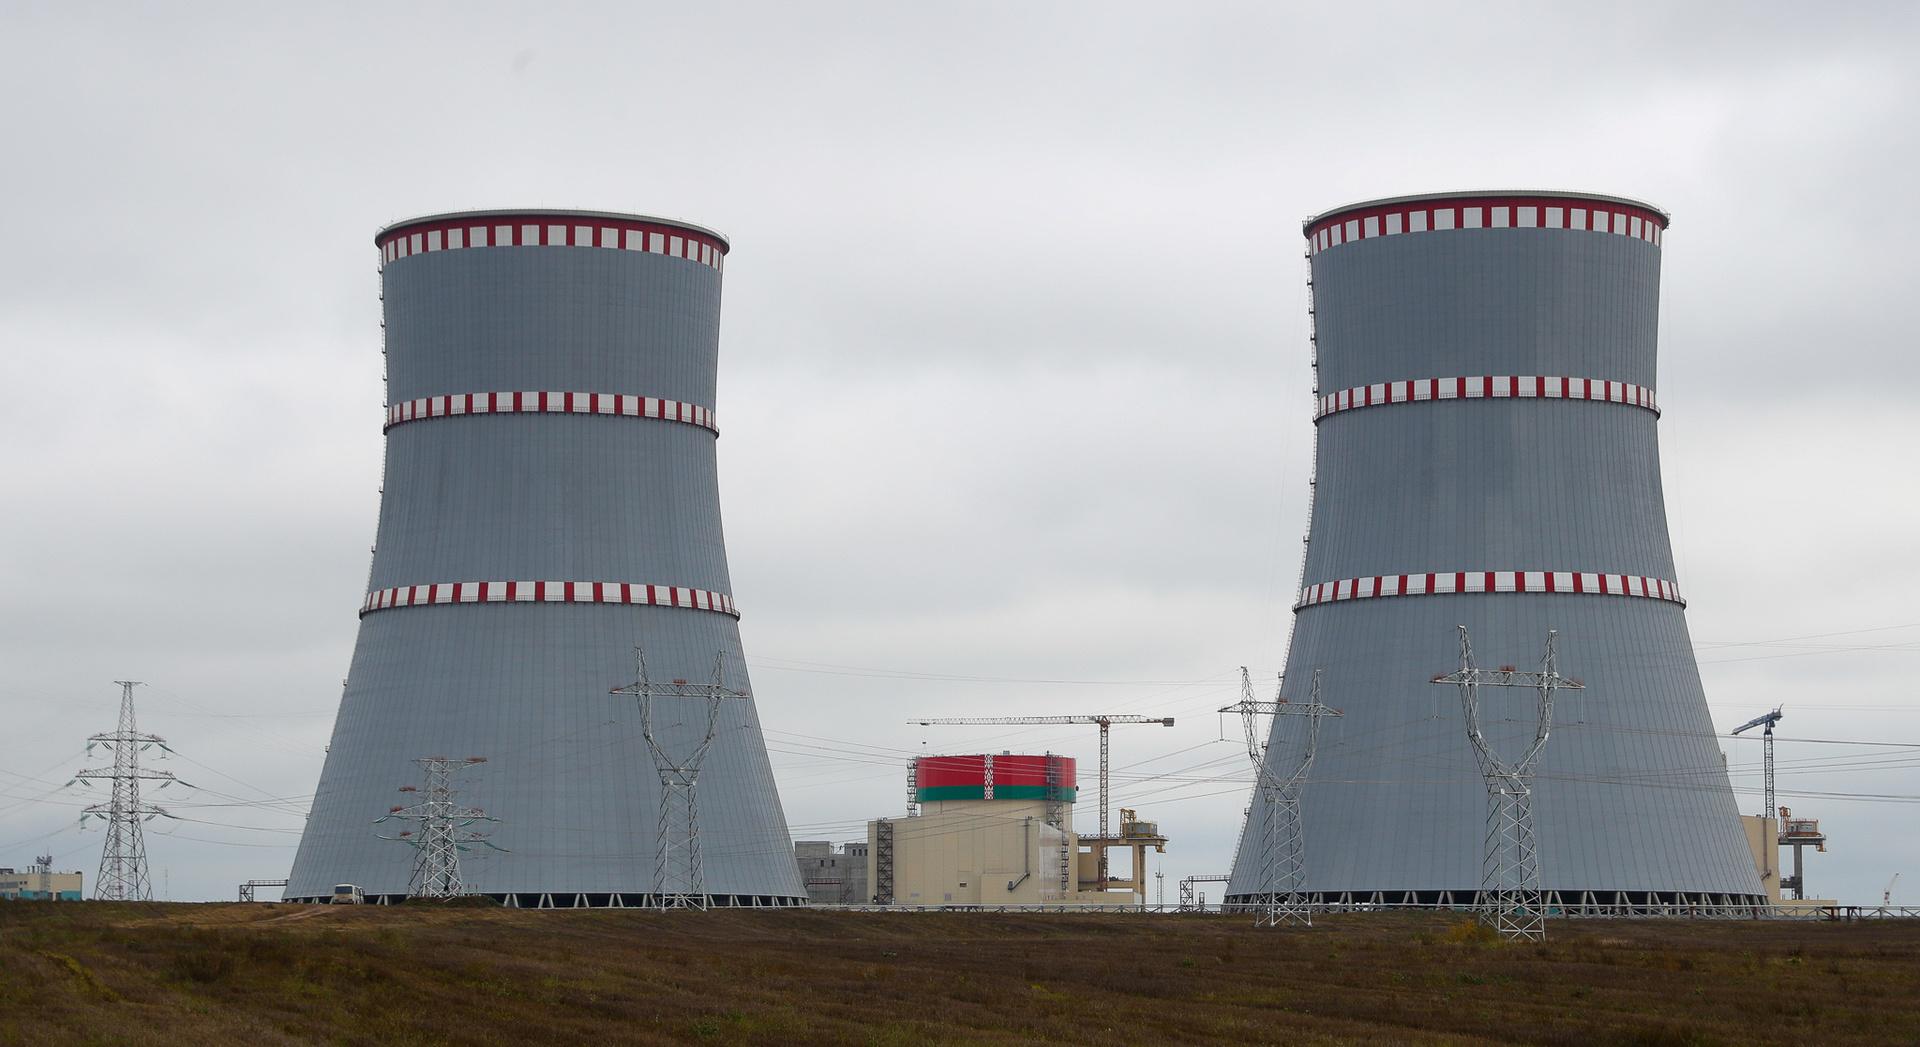 بدء تشغيل الوحدة الأولى في أول محطة نووية في بيلاروس بطاقة 100%